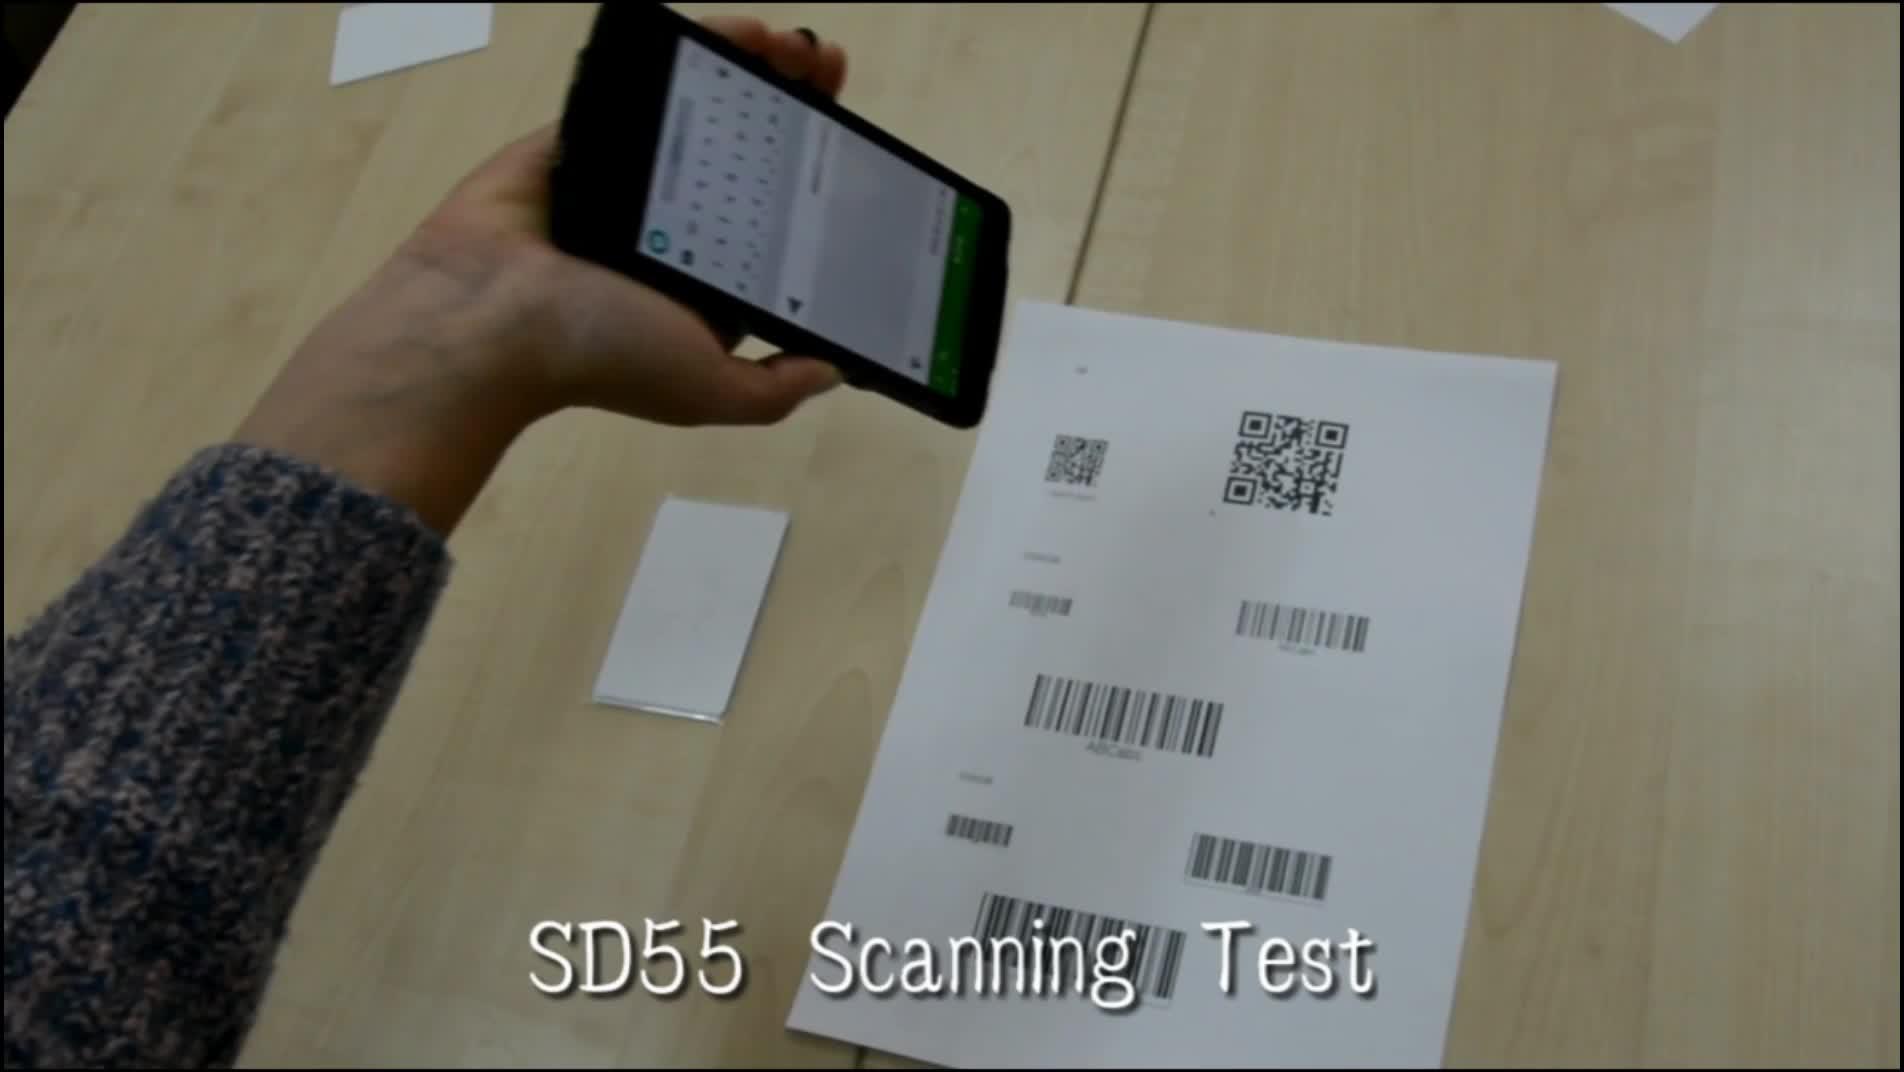 Speedata 1D 2D Máy Quét Mã Vạch Đầu Đọc NFC Đầu Đọc RFID PDA Sinh Trắc Học Dữ Liệu Bộ Sưu Tập